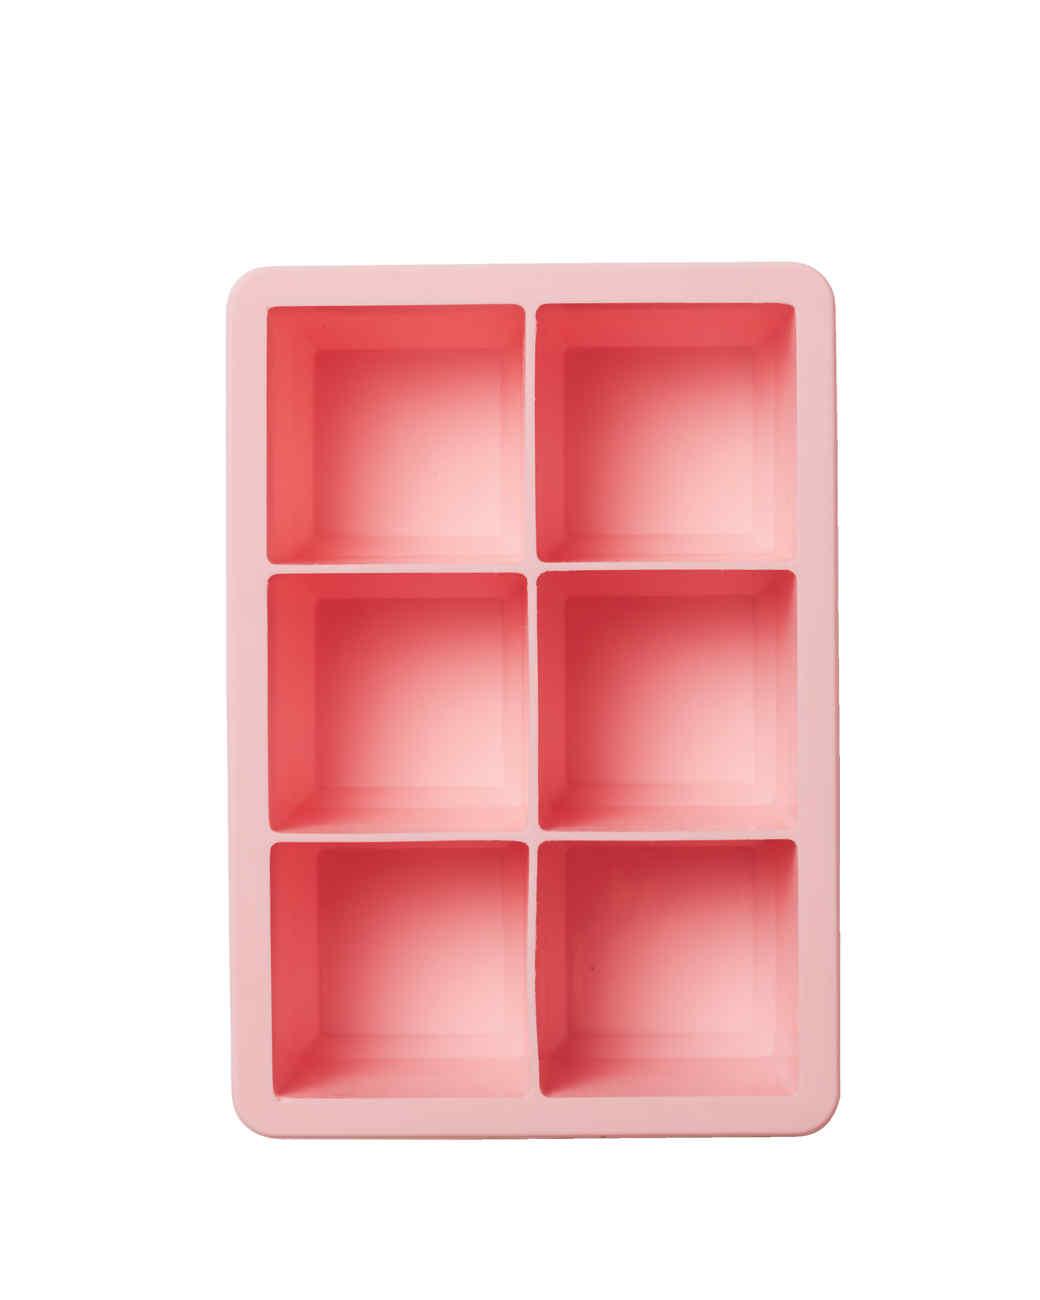 ice-tray-10-mld110973.jpg